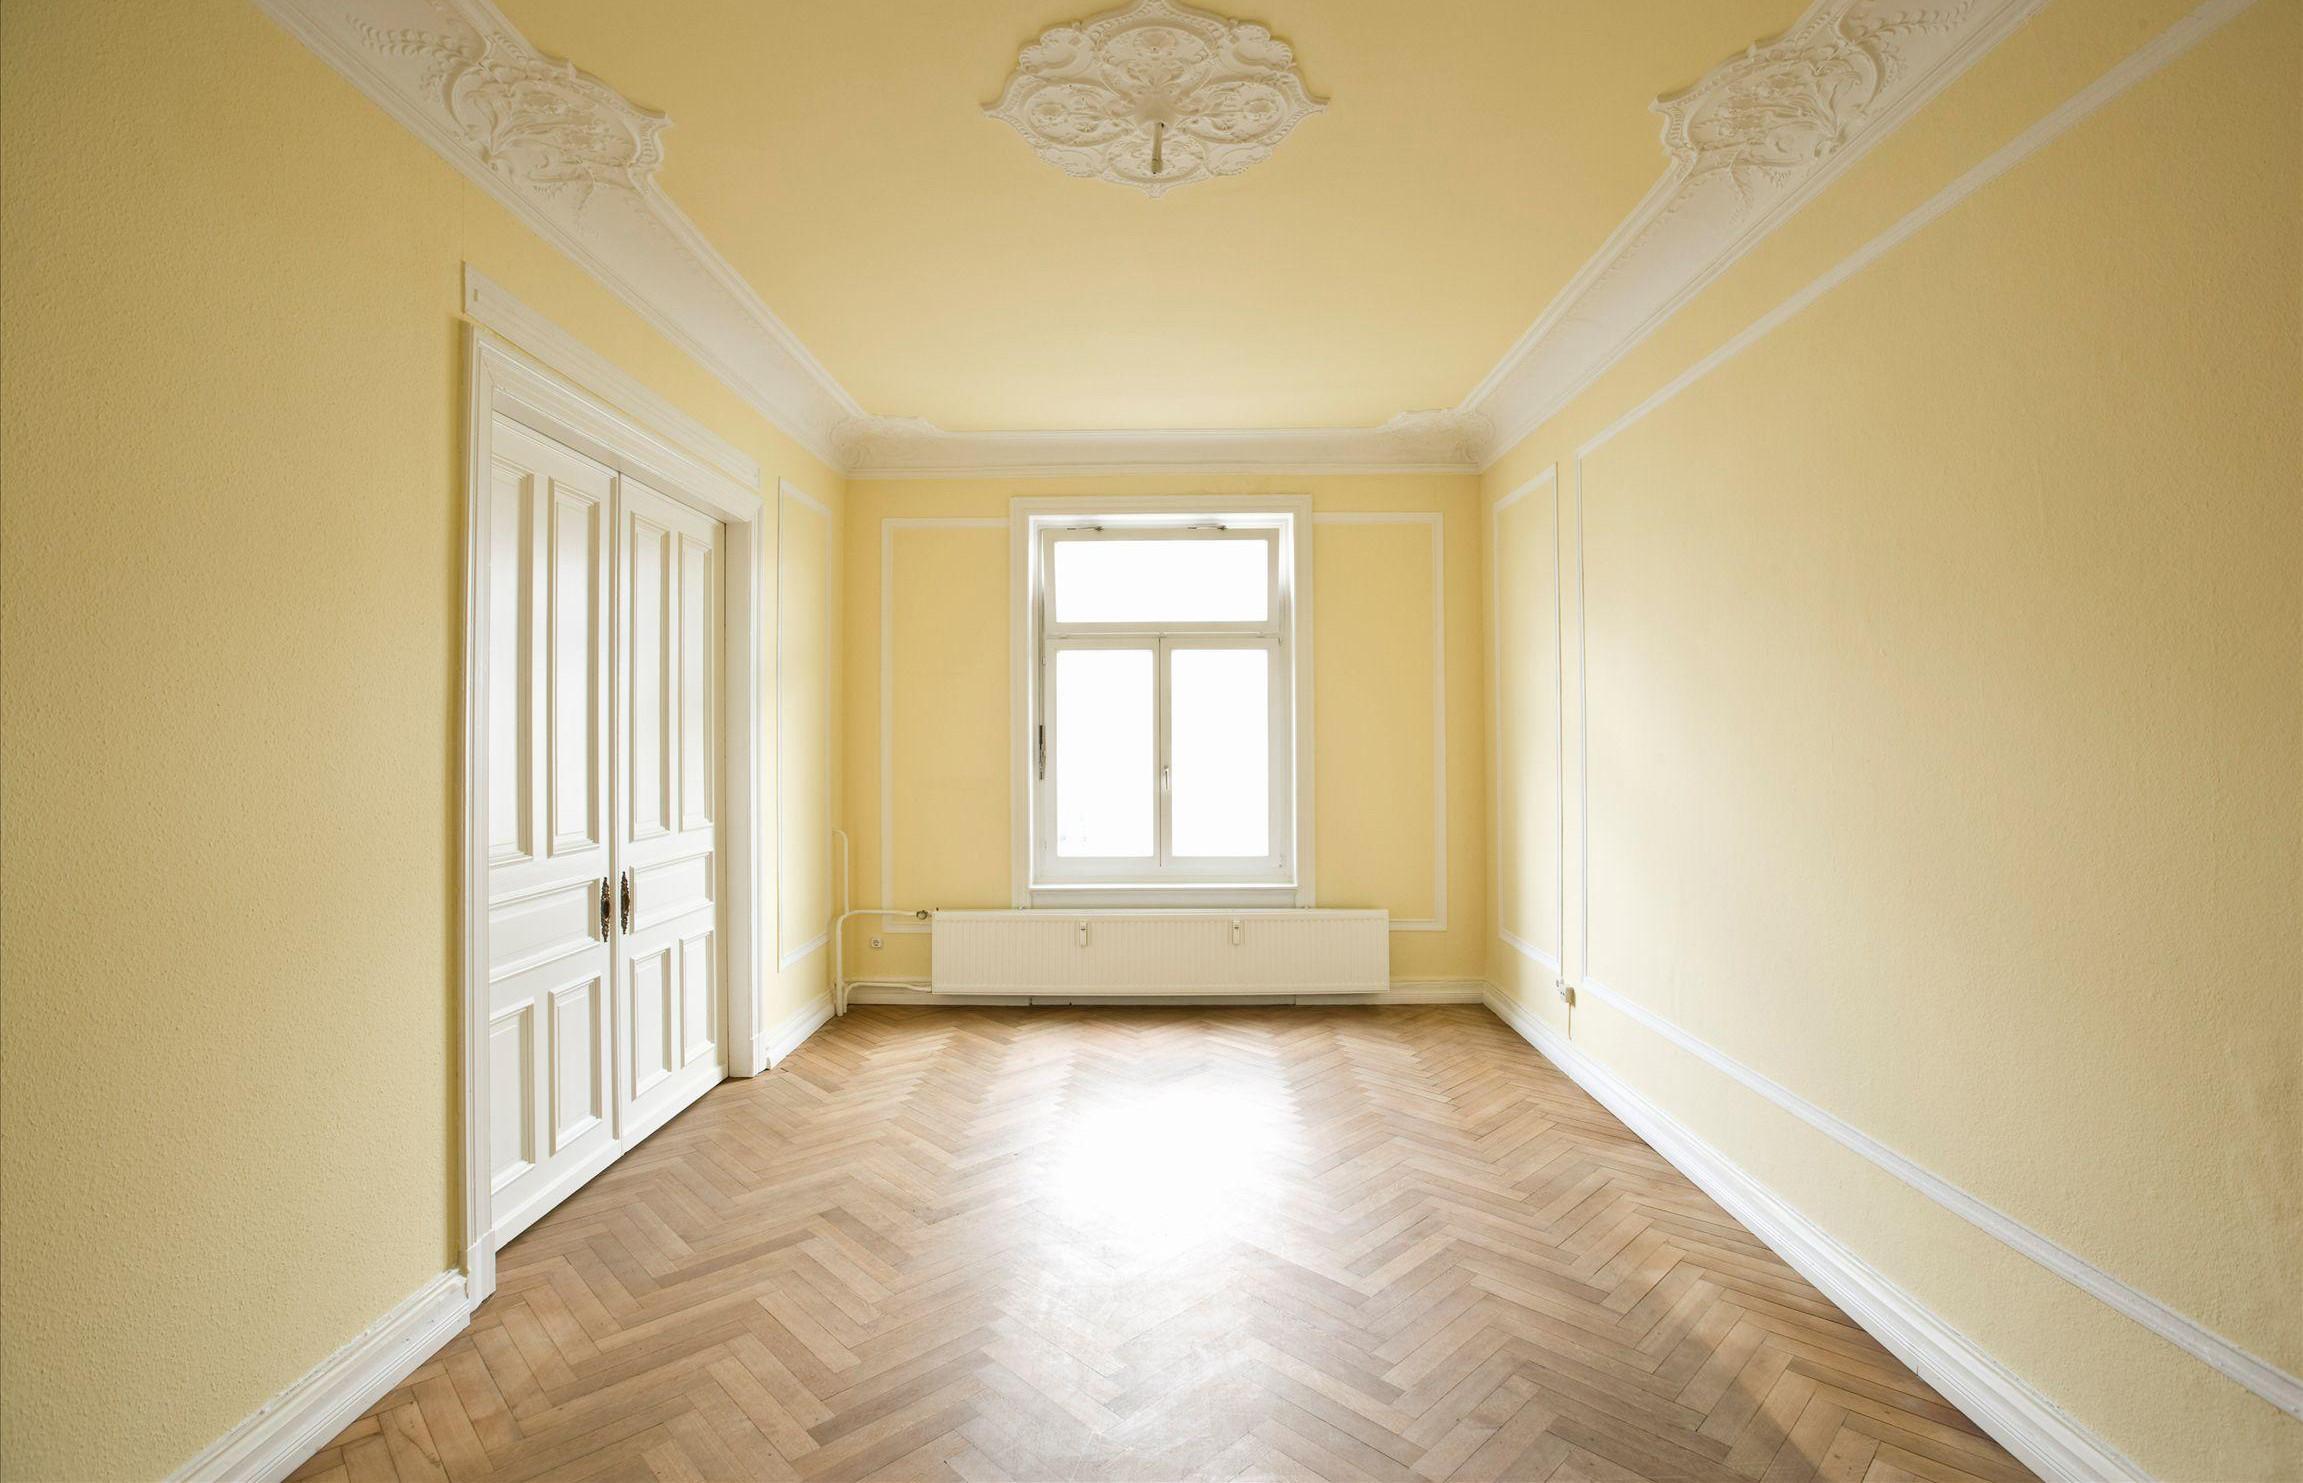 让家居氛围更温馨 墙面涂什么颜色好